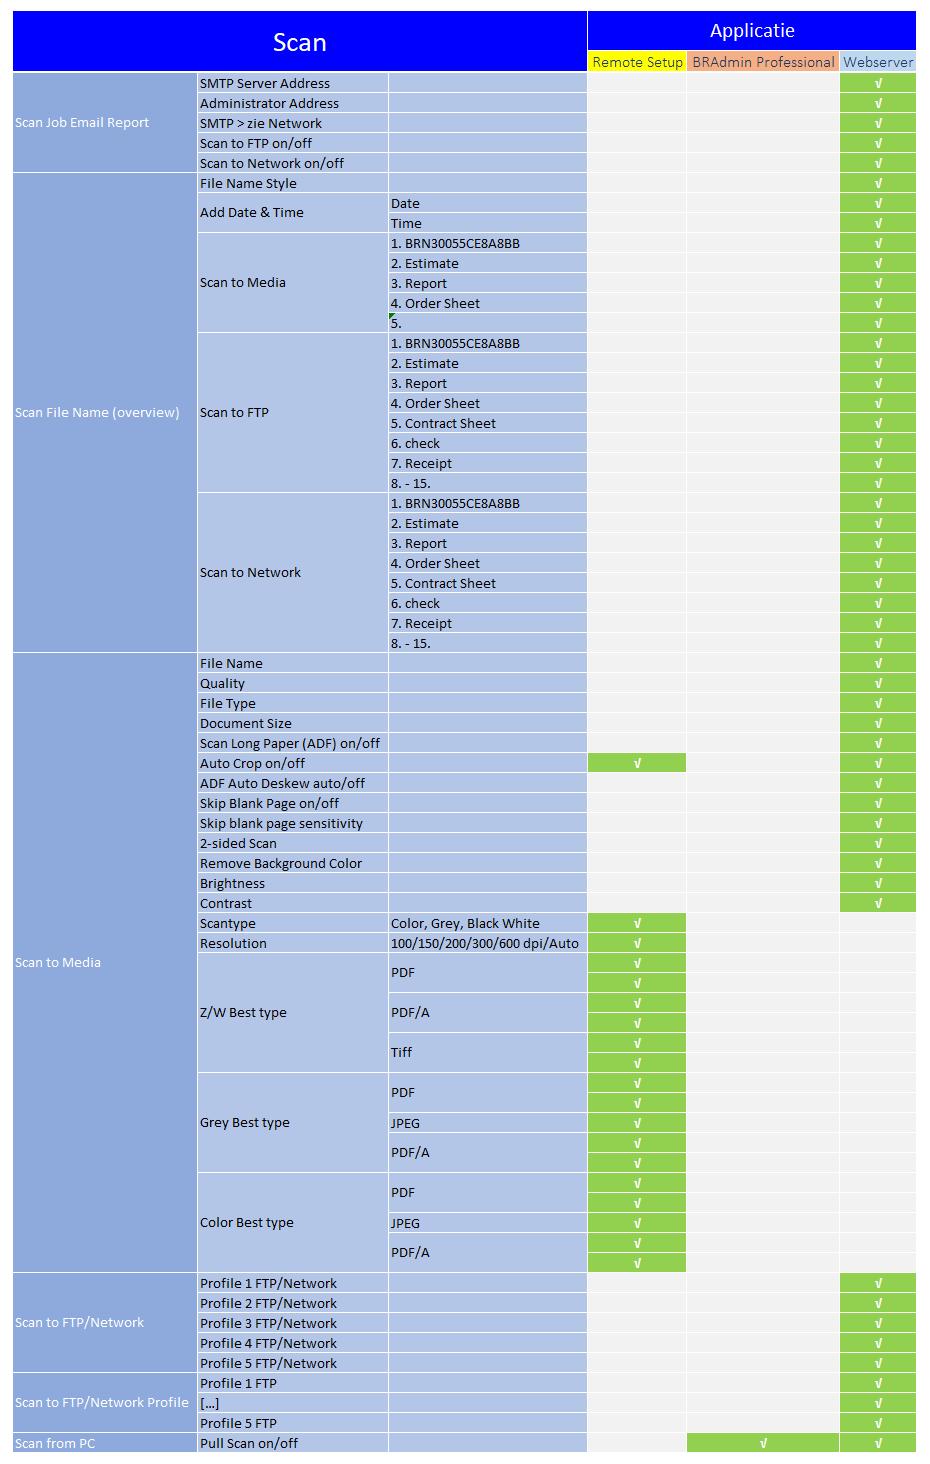 beheerssoftware_functies_scan